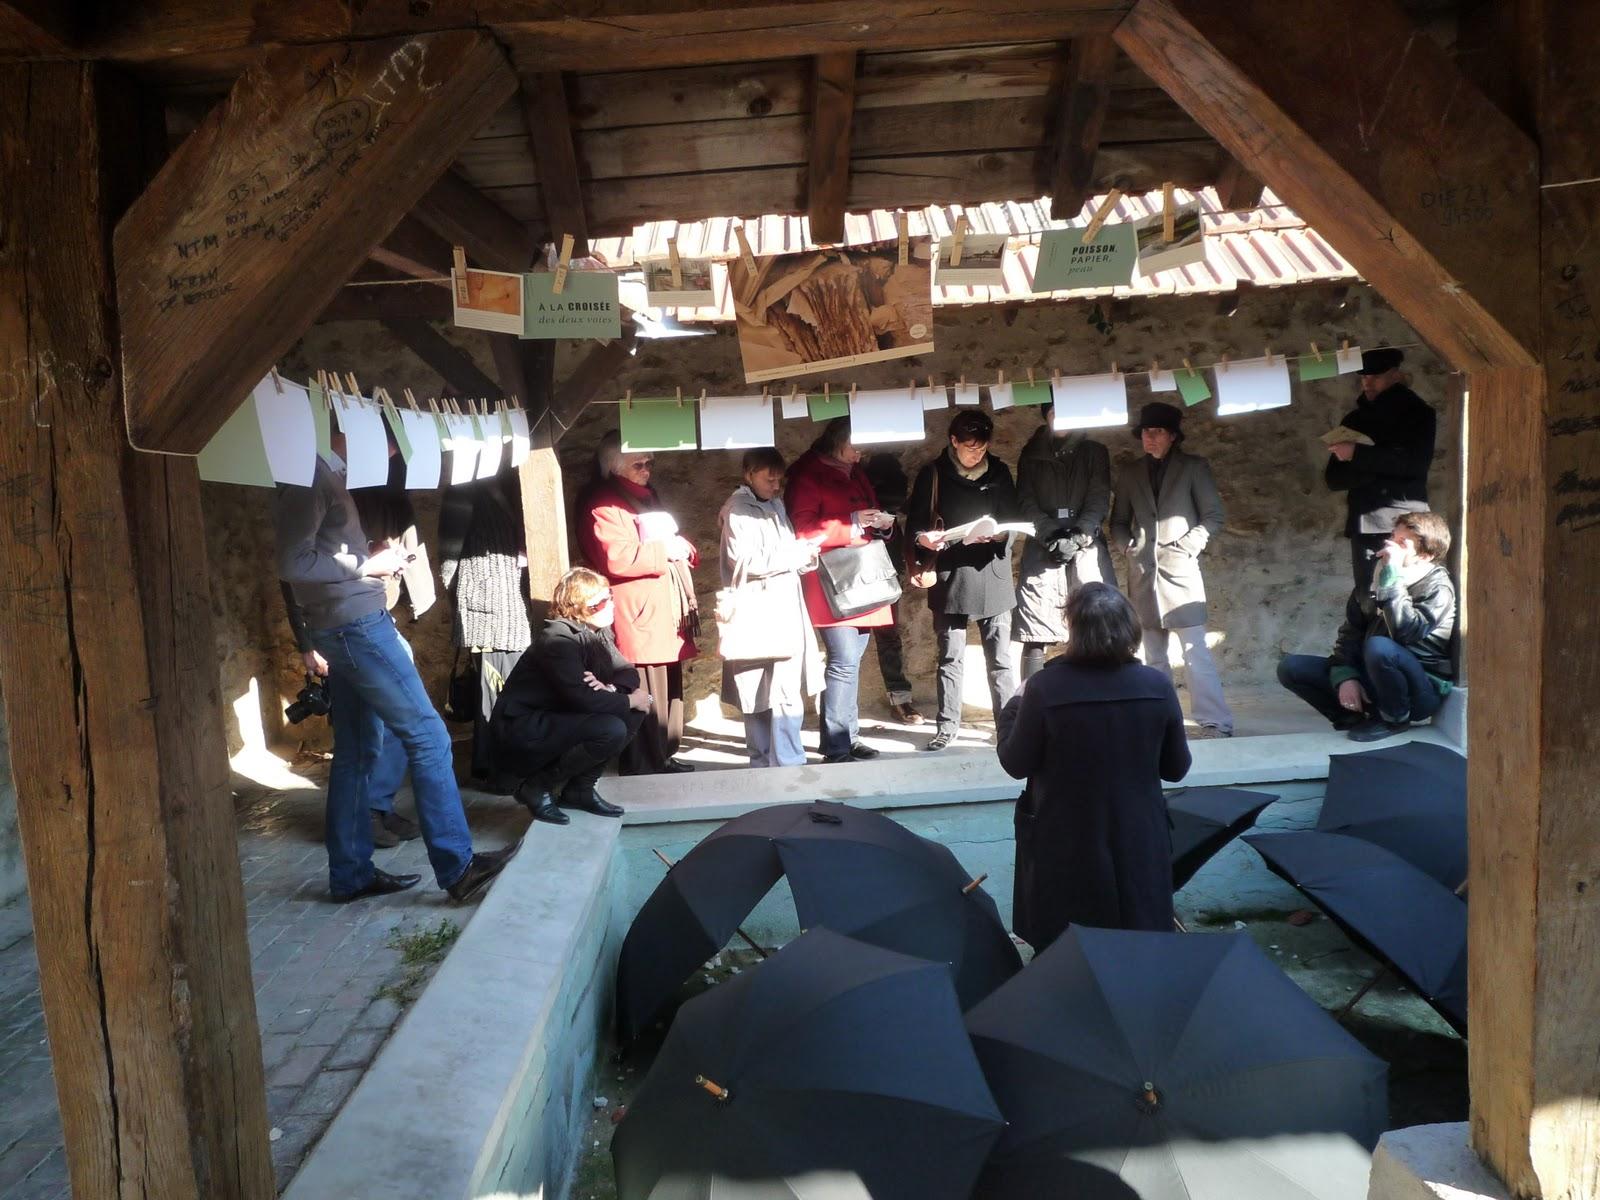 21 octobre 2011 : Restitution des Petites histoires de Coulommiers écrites par Maïda Chandèze-Avakian à Coulommiers